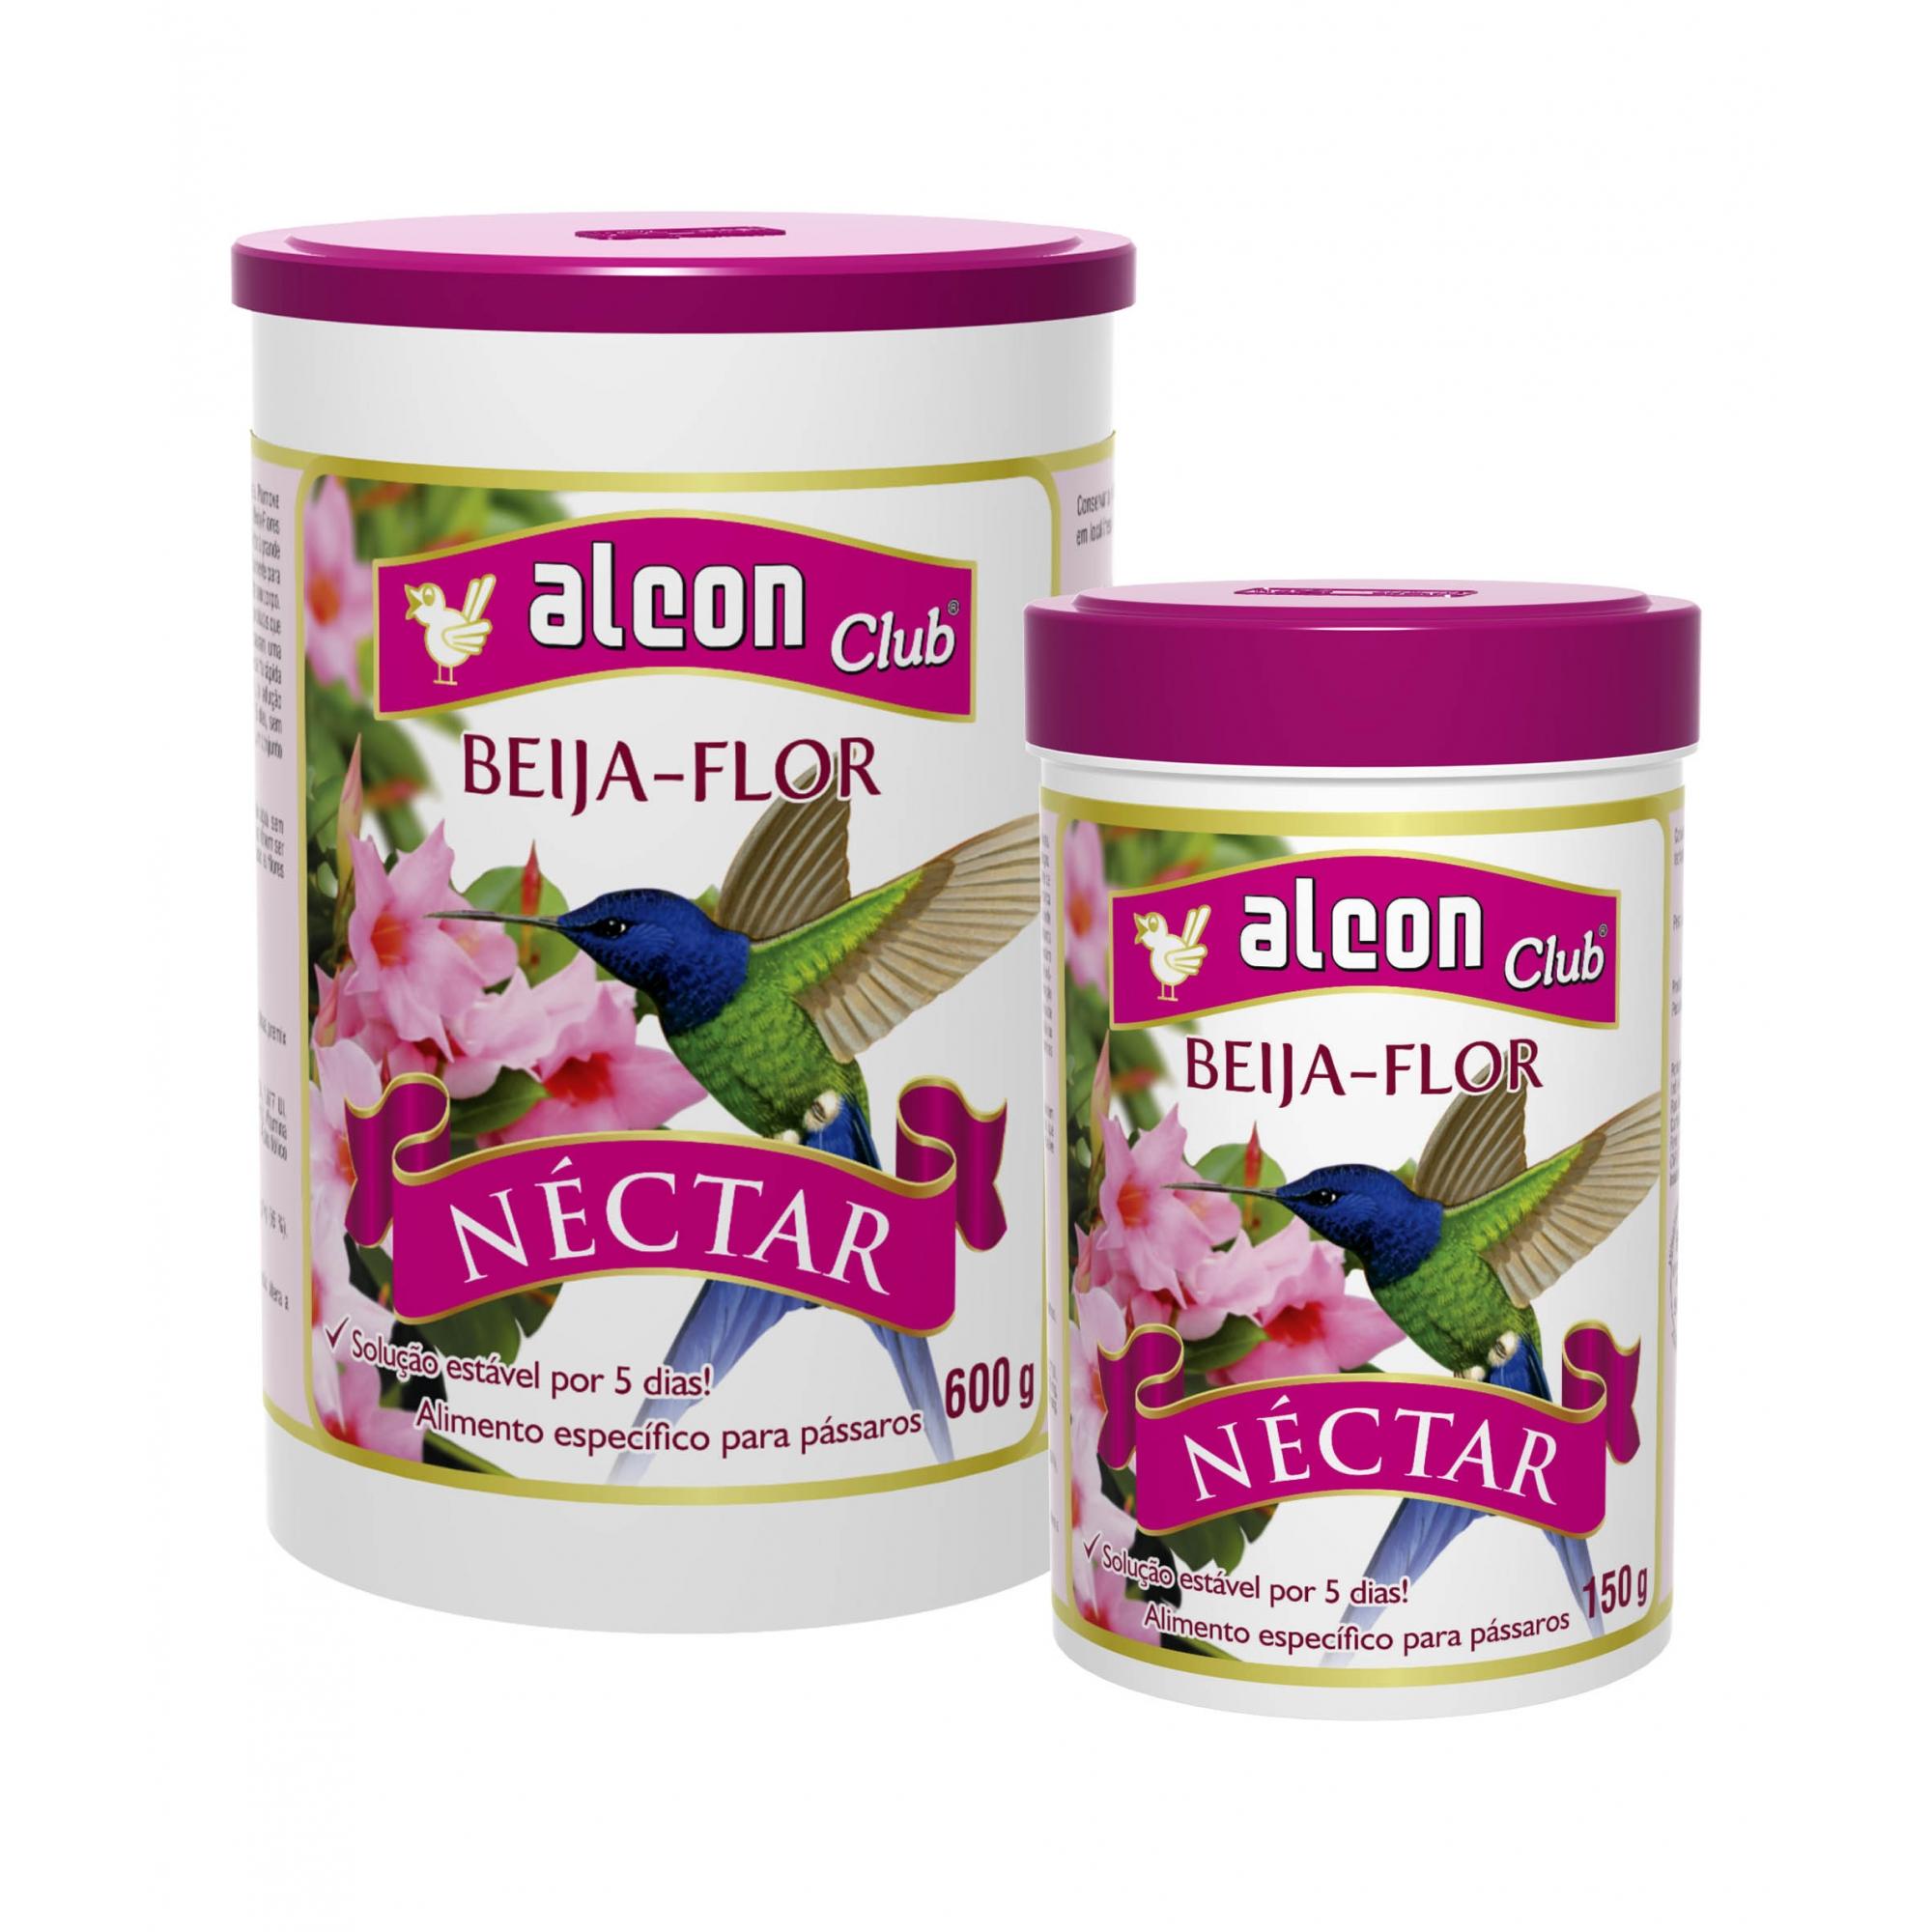 Alcon Nectar Beija-Flor